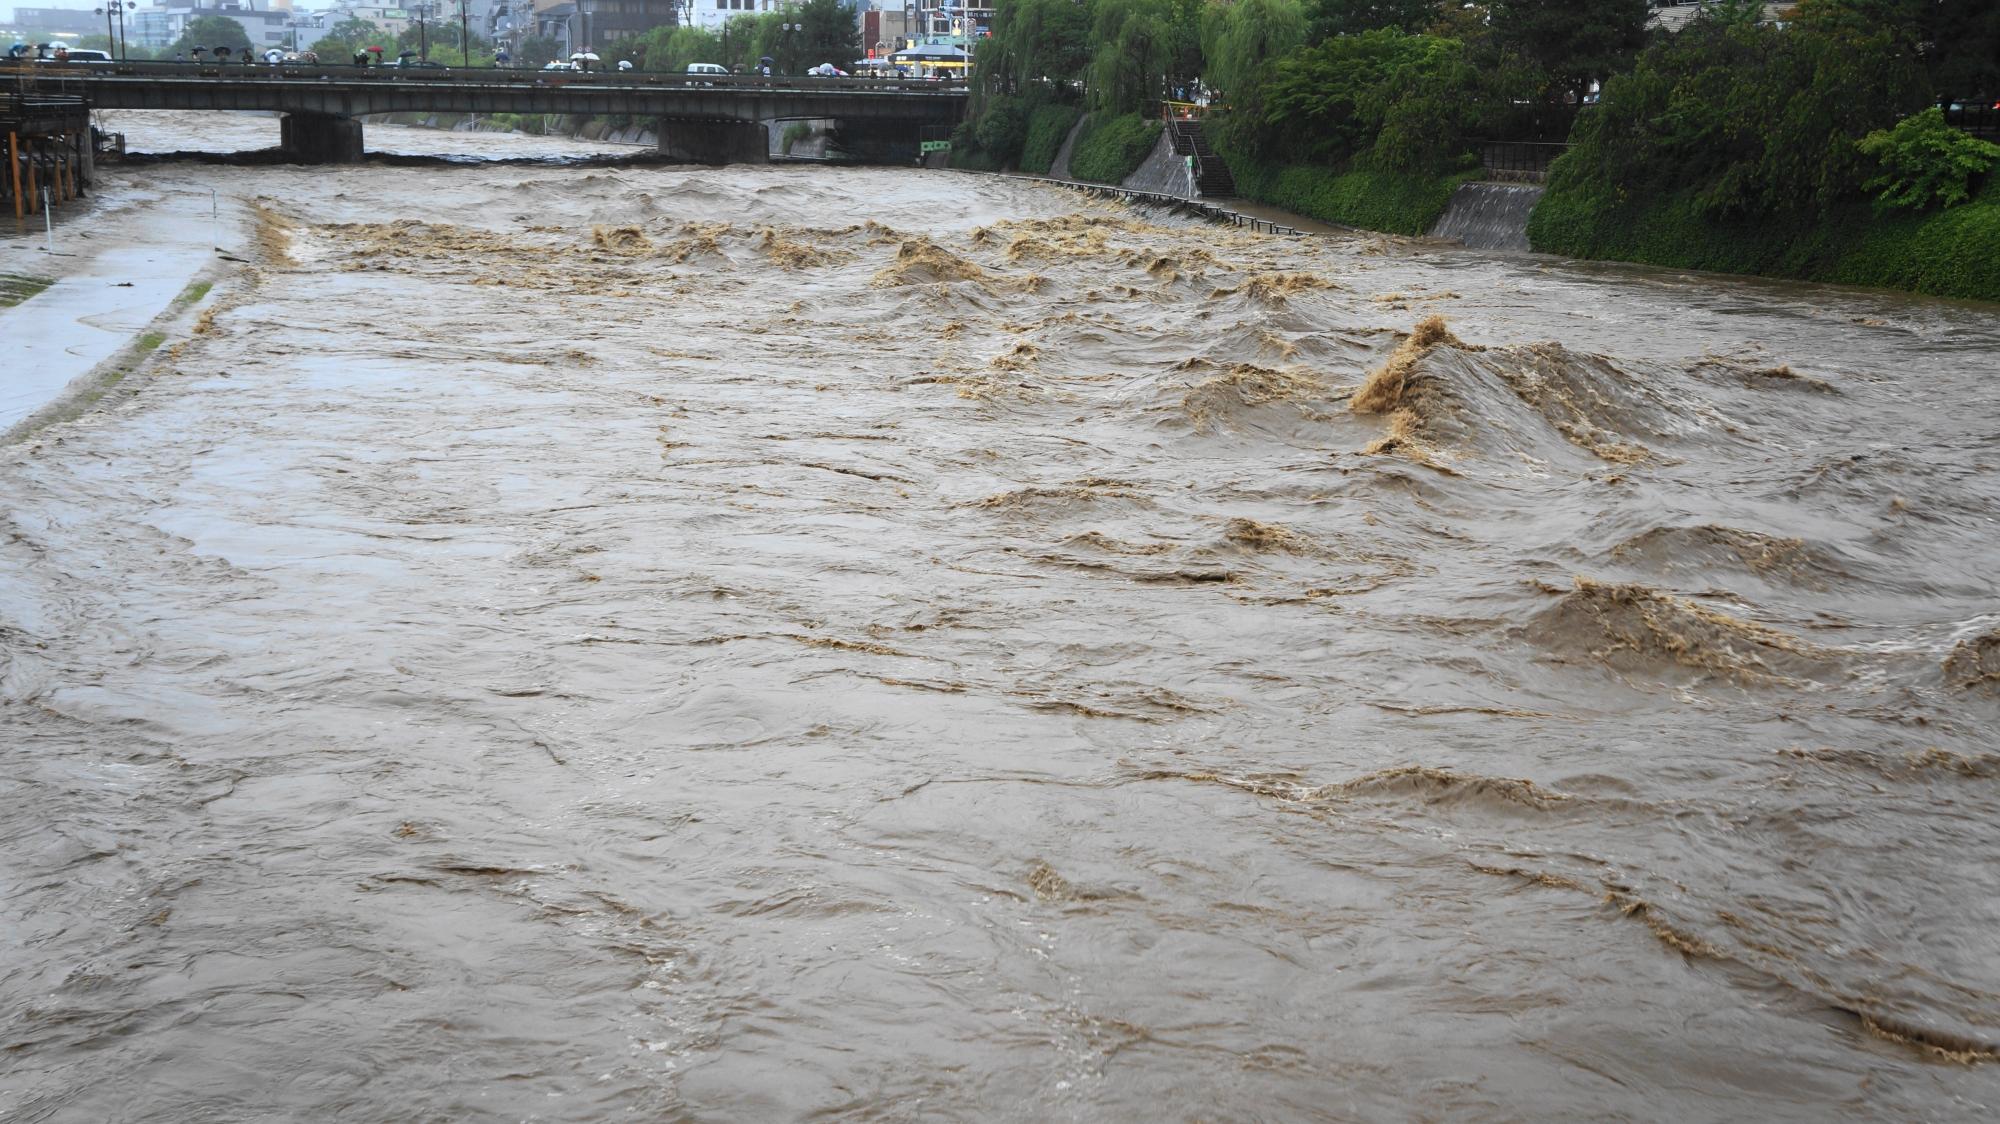 団栗橋から眺めた四条方面の2014年の台風11号の大雨で増水した鴨川